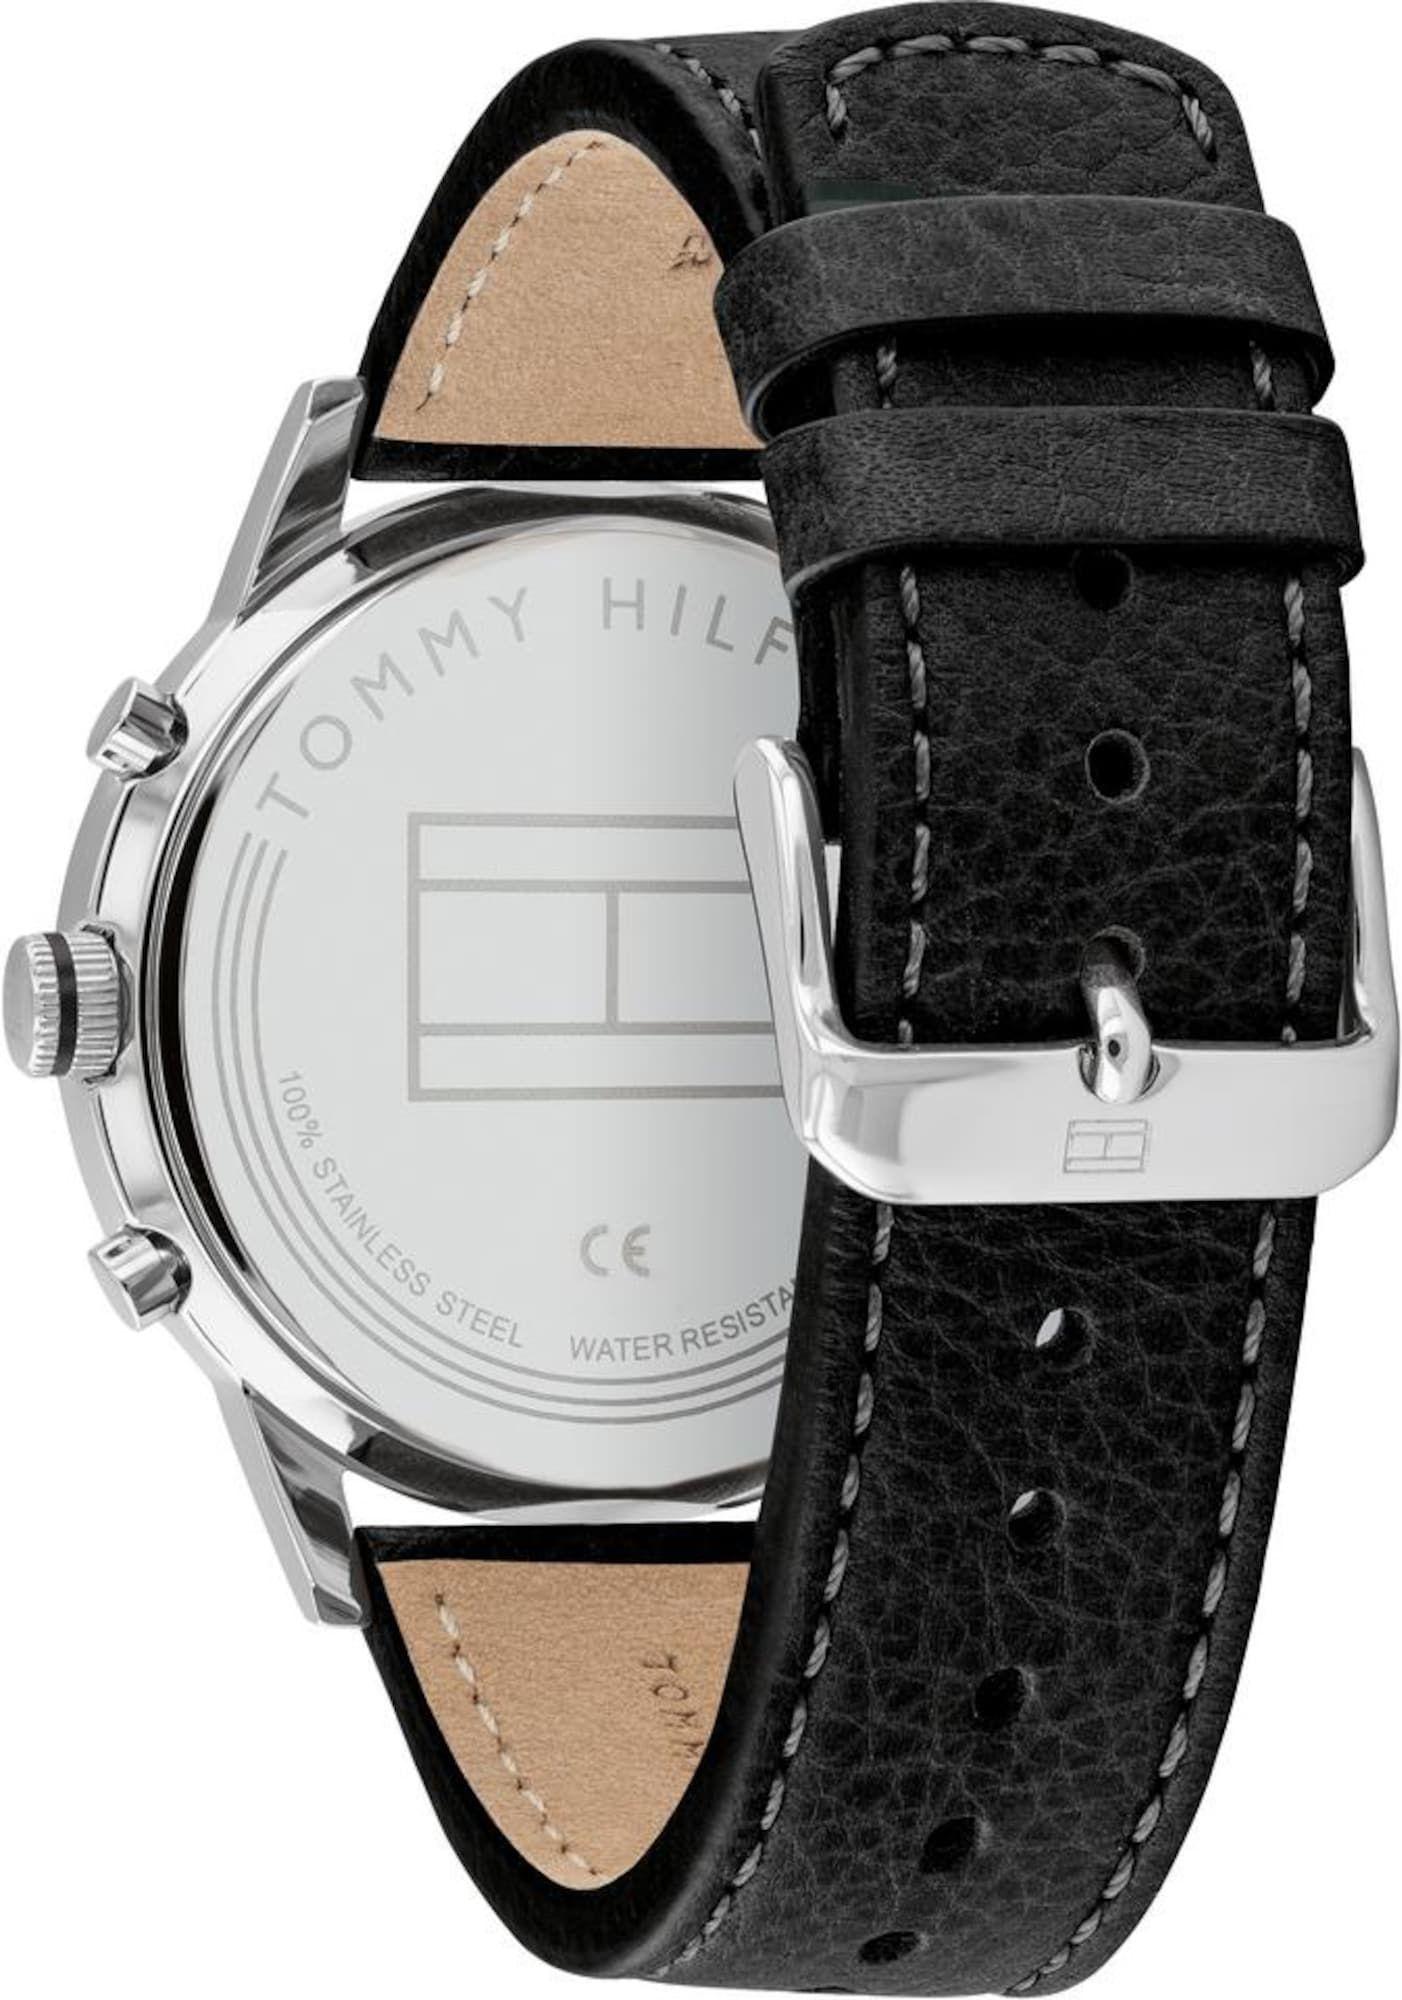 Tommy Hilfiger Uhr Herren Schwarz Silber Gr E One Size Uhr Uhren Fossil Uhr Damenuhren Daniel Wellington Uhr Her In 2020 Leather Watch Tommy Hilfiger Tommy